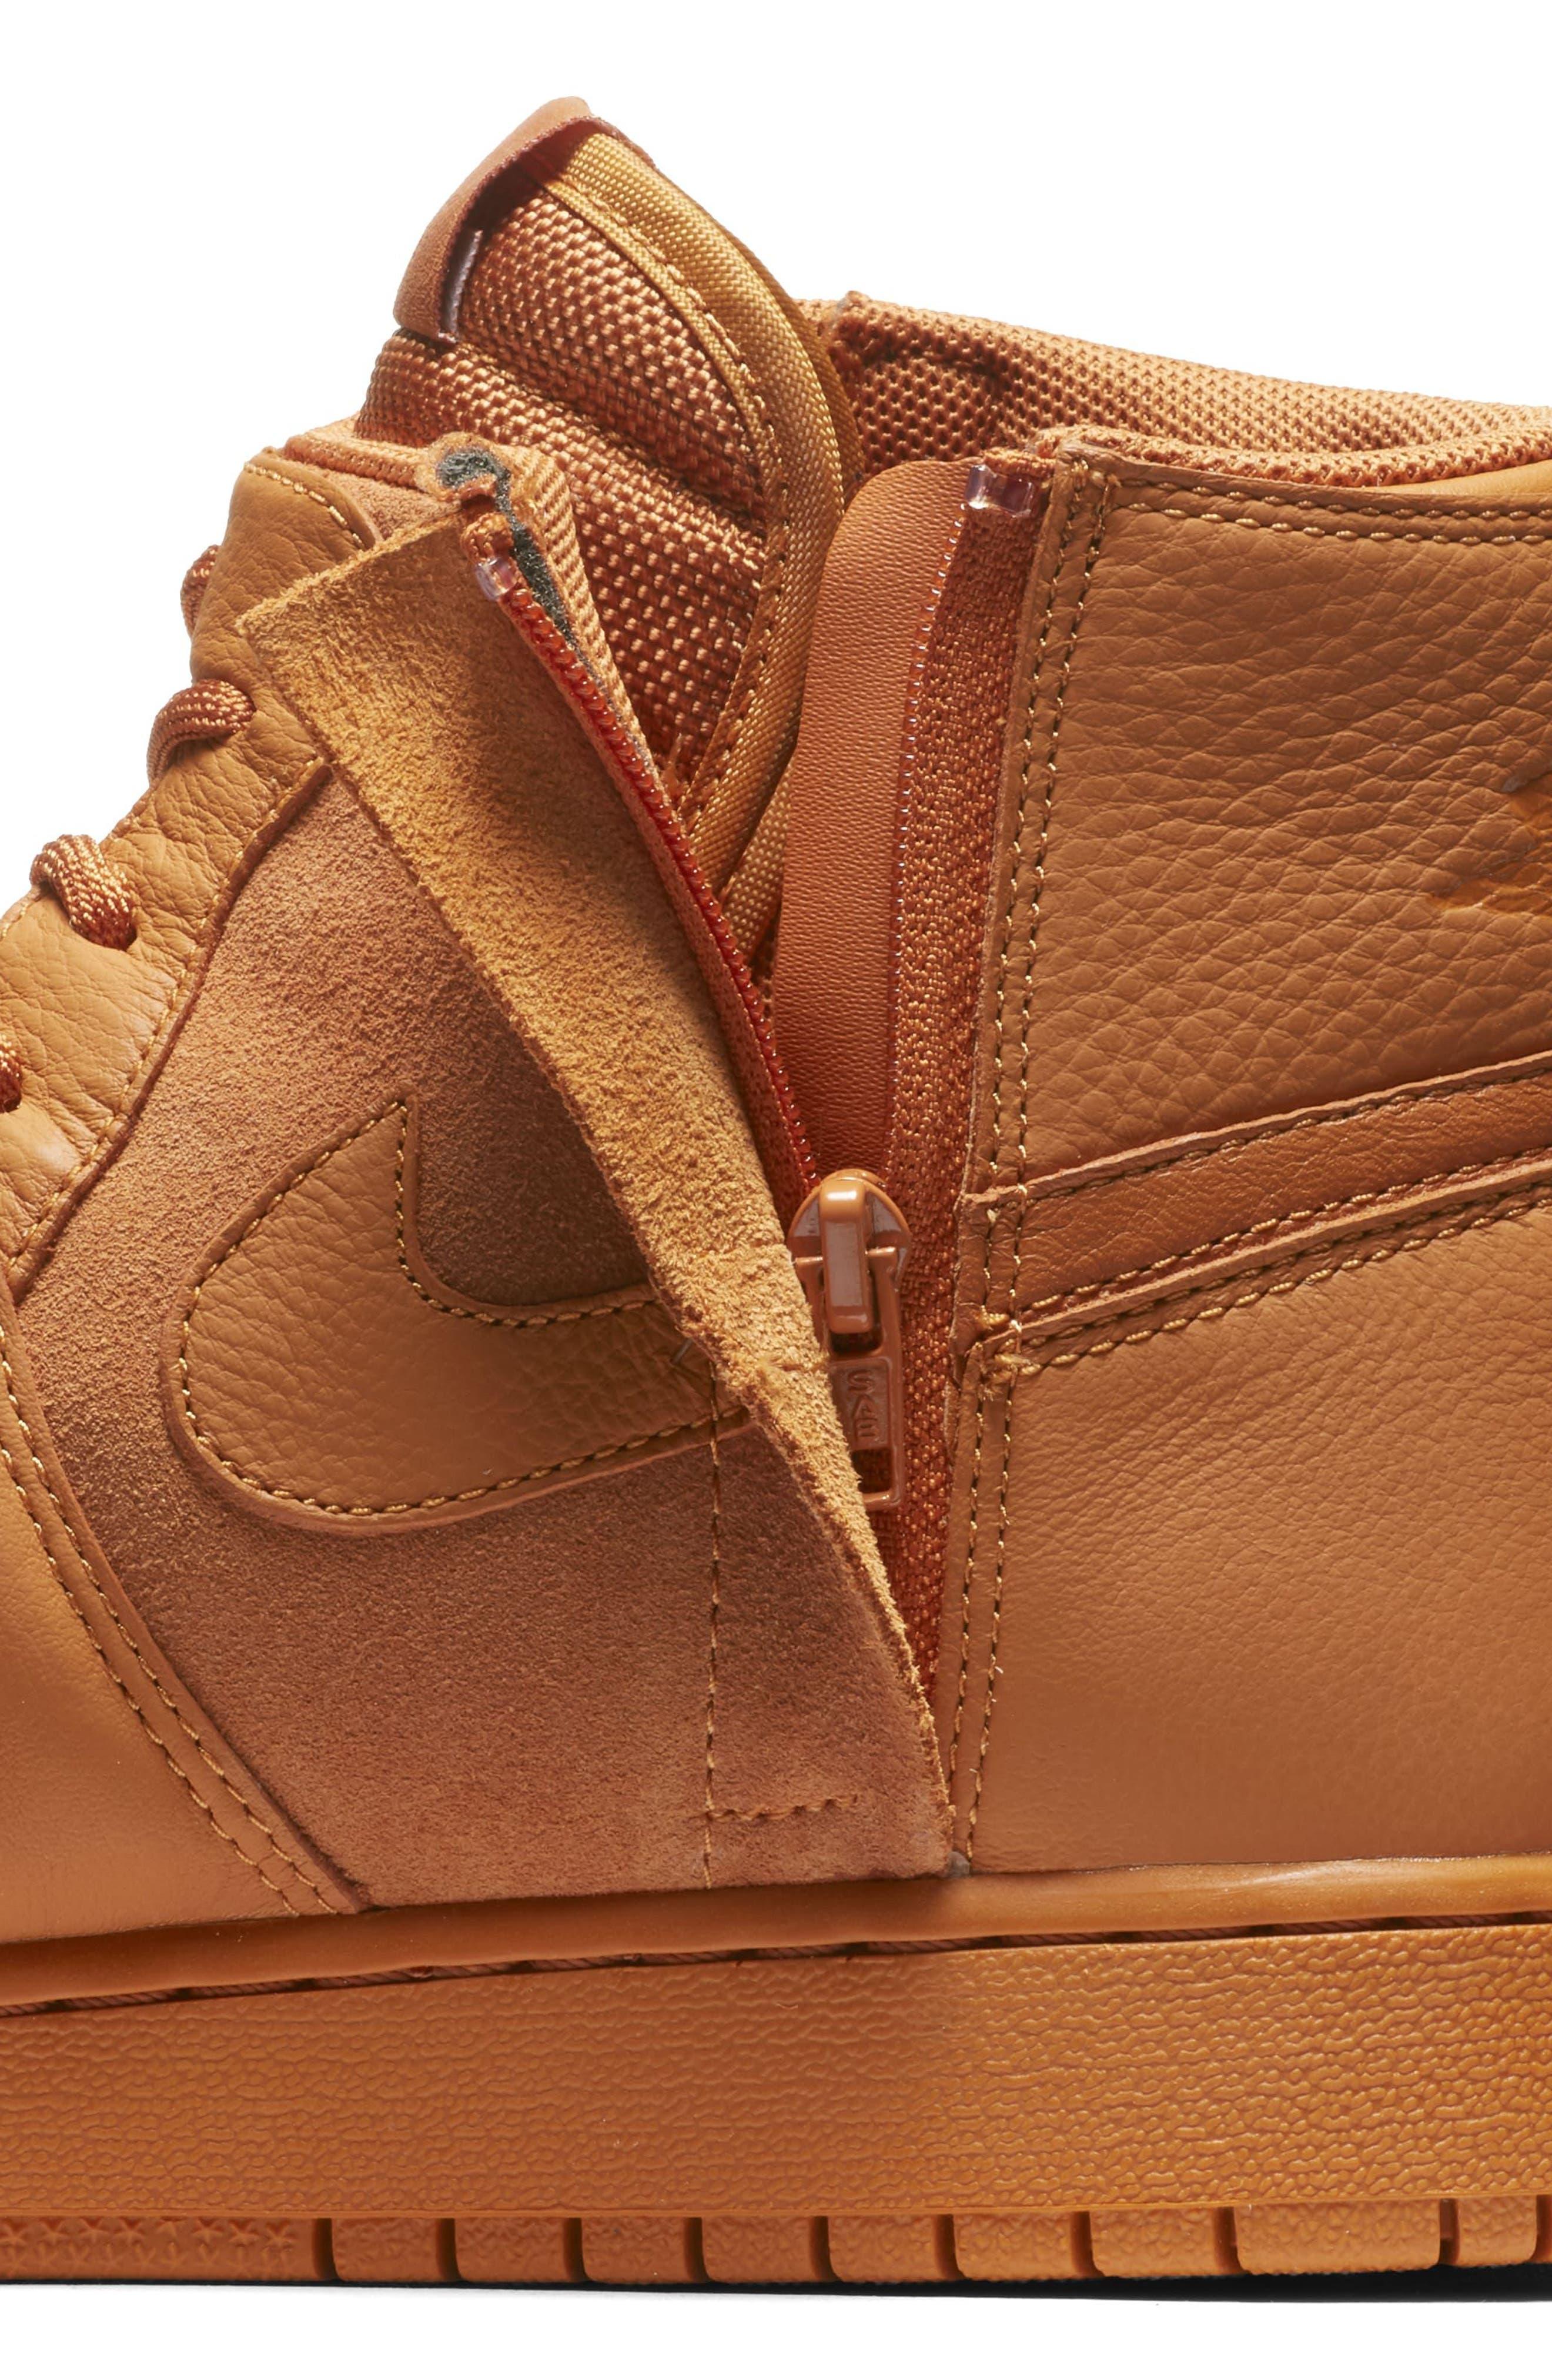 Air Jordan 1 Rebel XX High Top Sneaker,                             Alternate thumbnail 13, color,